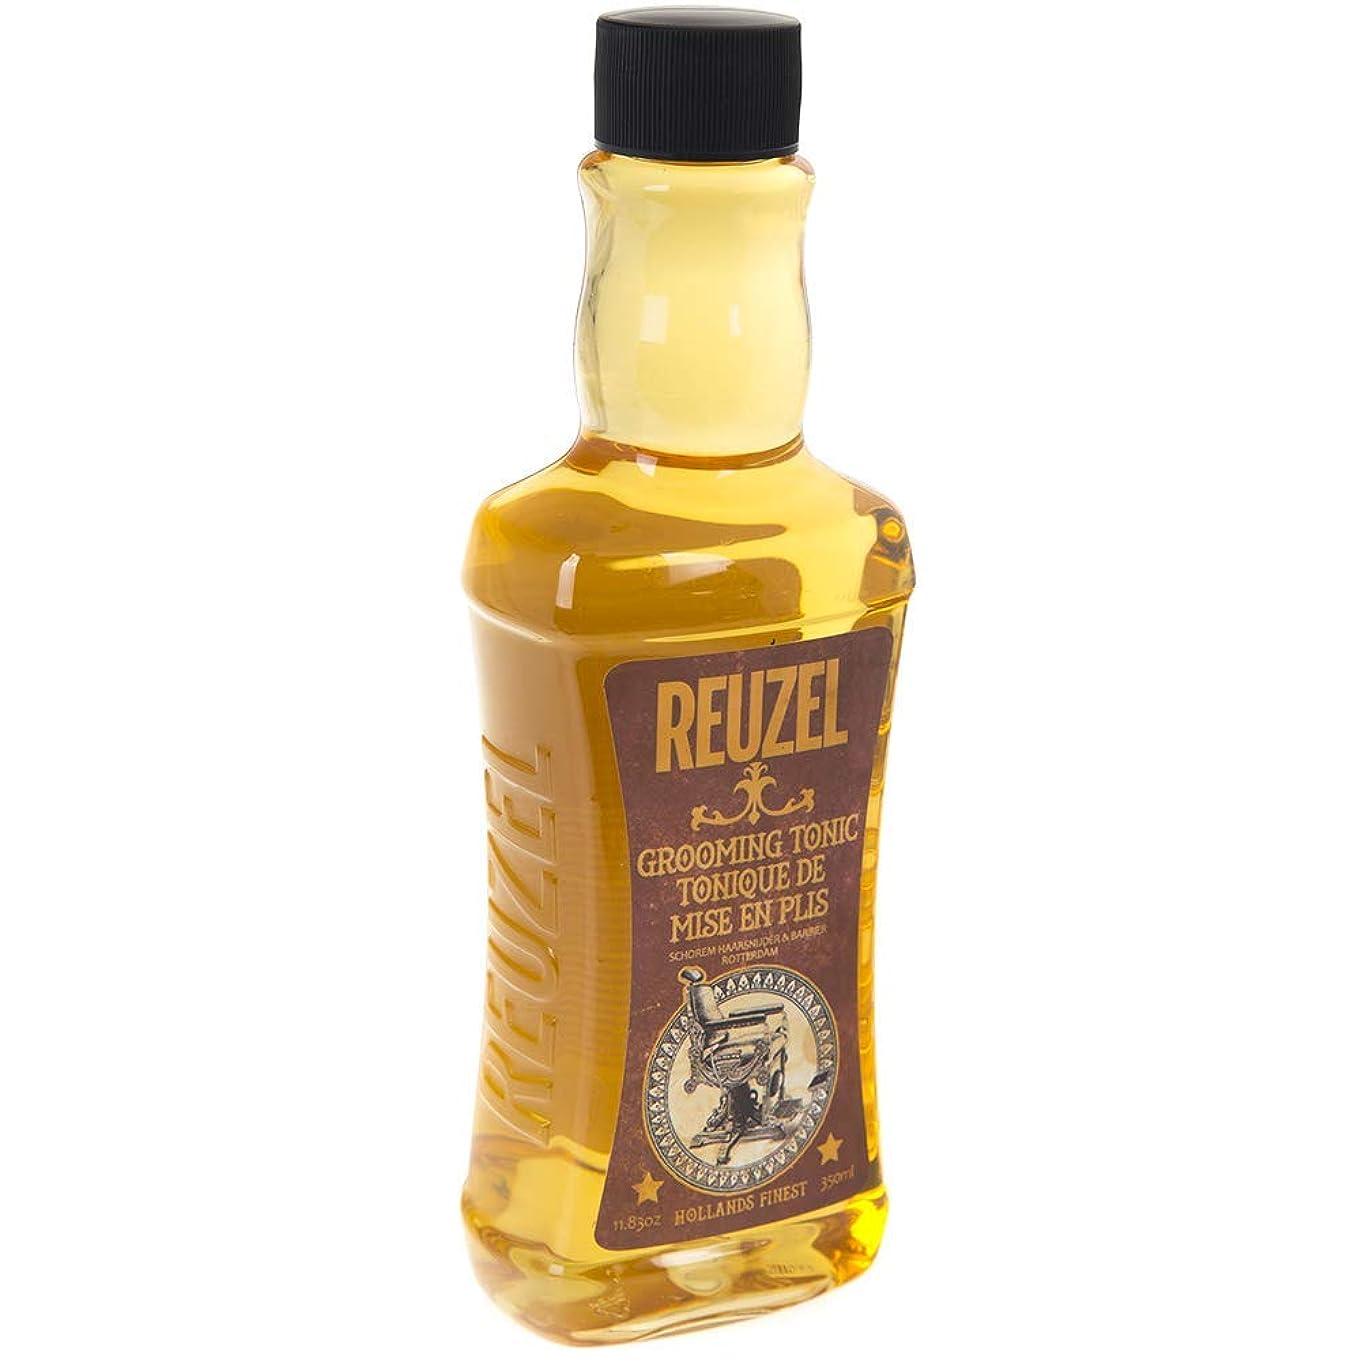 信頼性のある醜い永遠にルーゾー グルーミング トニック Reuzel Grooming Tonic 350 ml [並行輸入品]